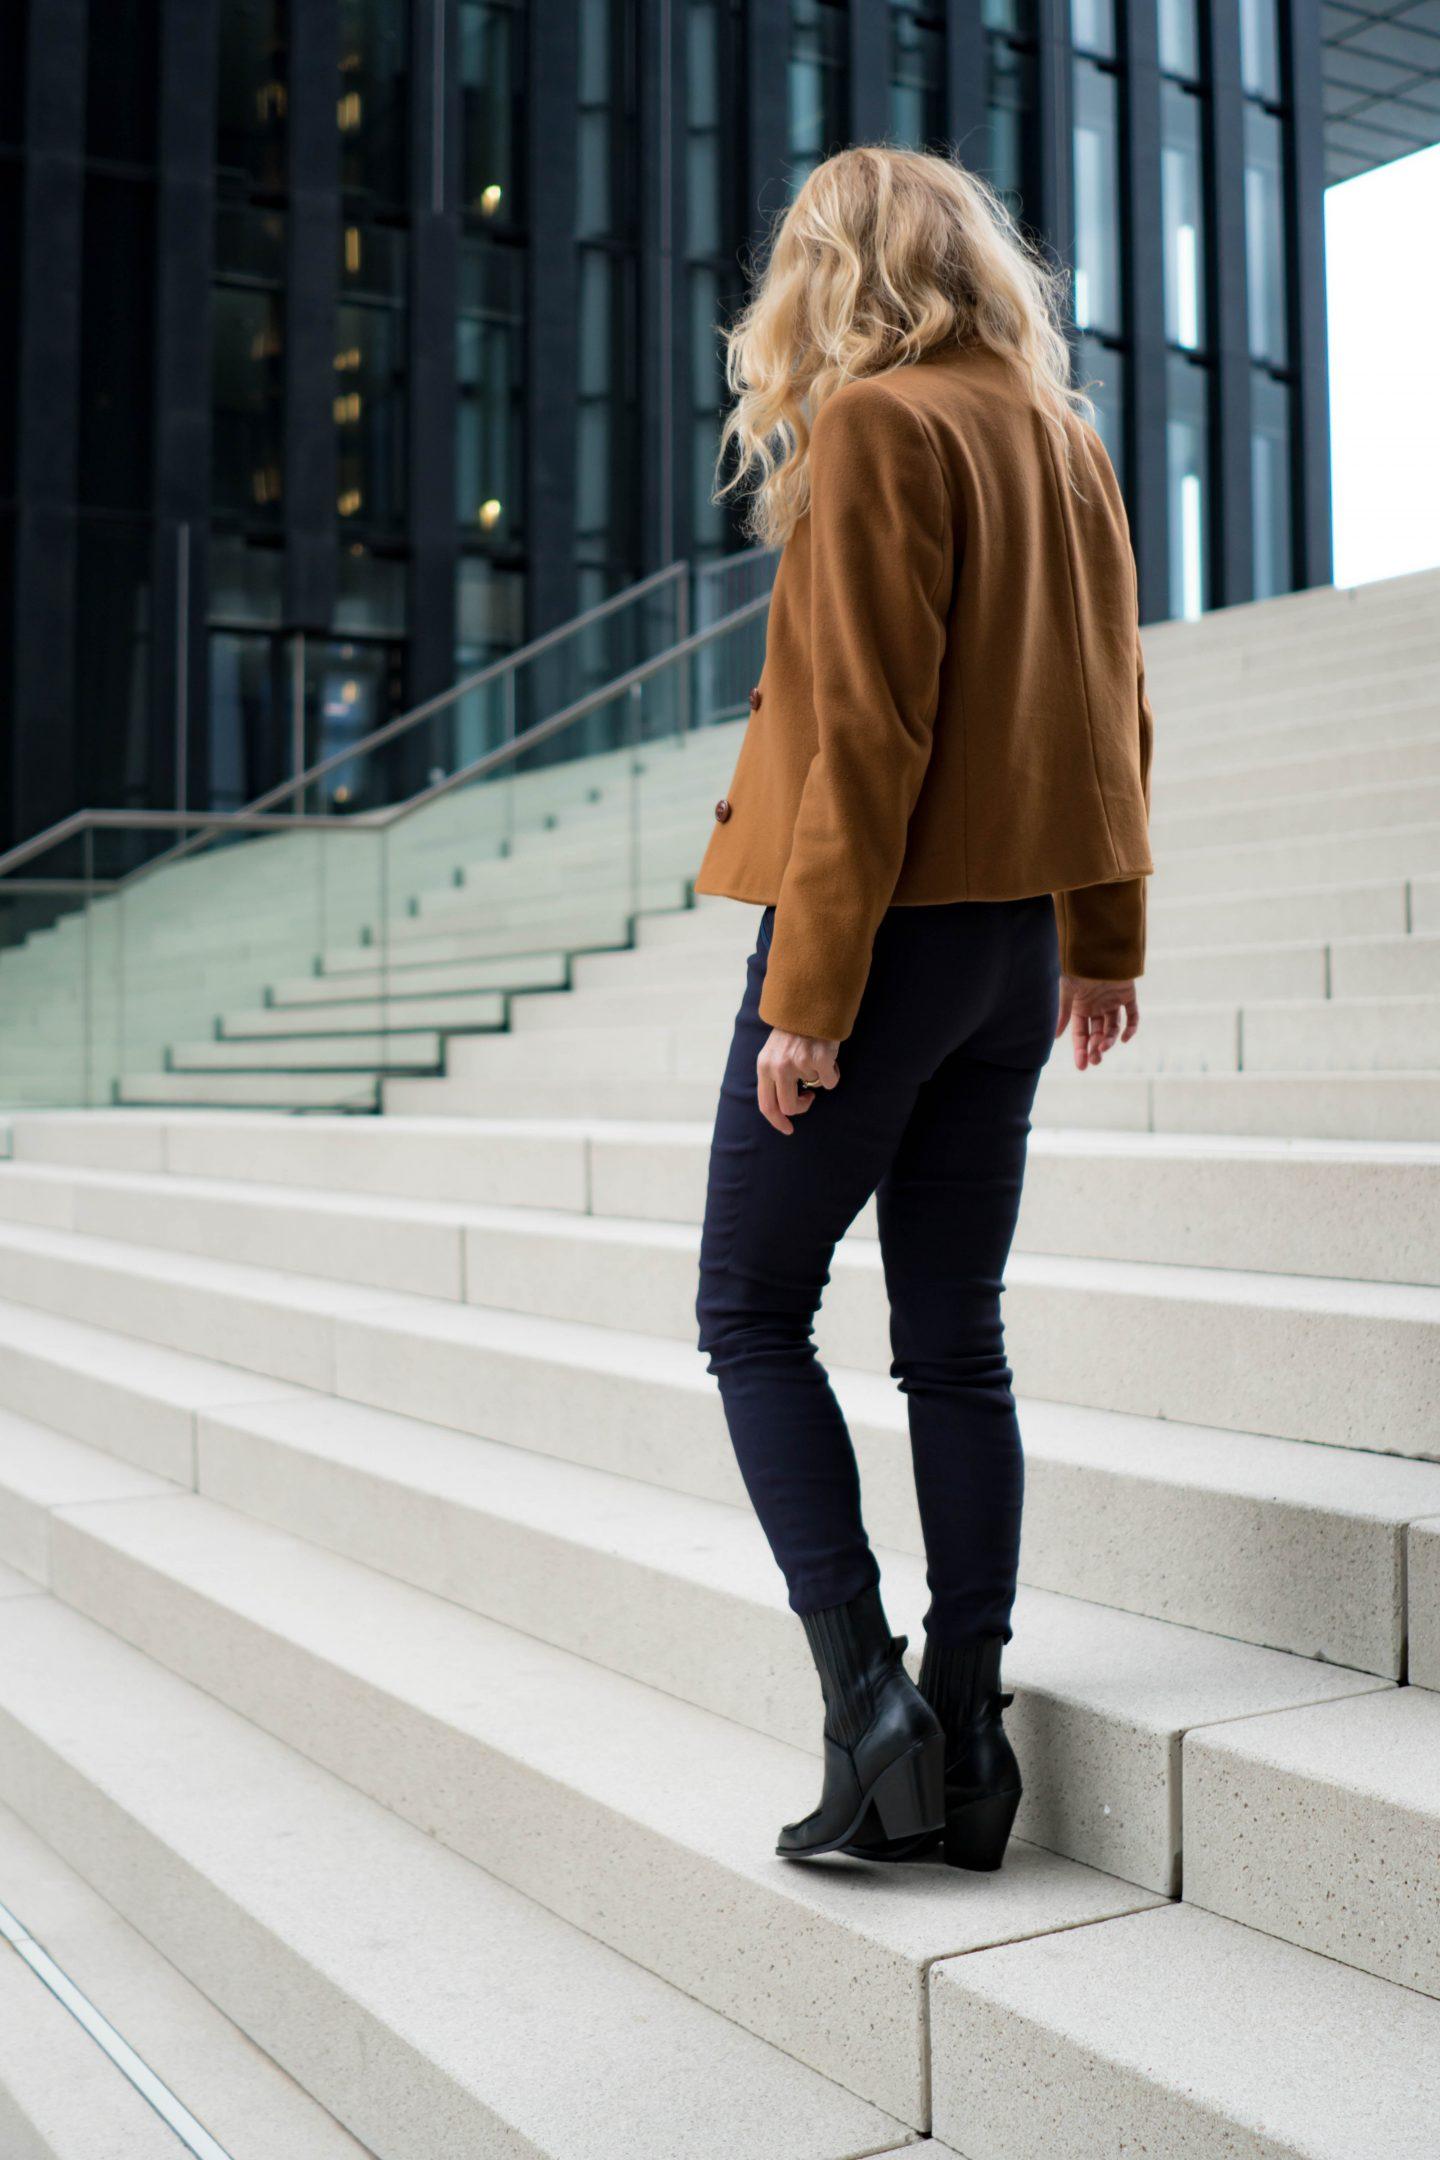 Jacke von Uta Raasch - Schlupfhose von Peter Hahn - Nowshine Modeblog ü40 - Herbstlook 2019 in Marine und Cognac - Cowboystiefel